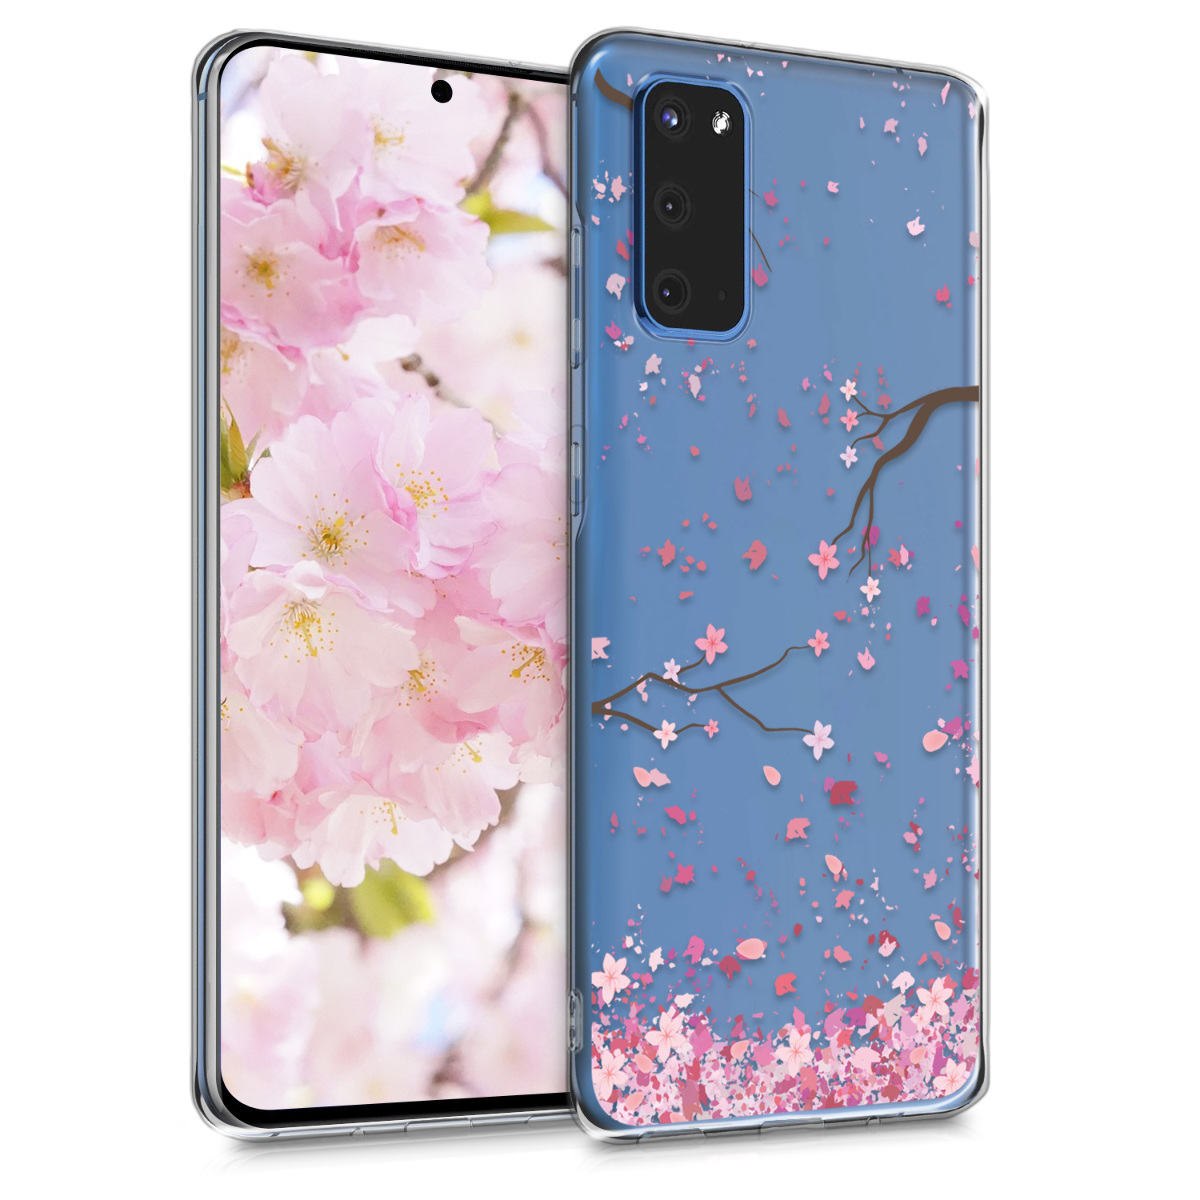 Silikonové pouzdro / obal pro Samsung S20 s motivem třešňového květu